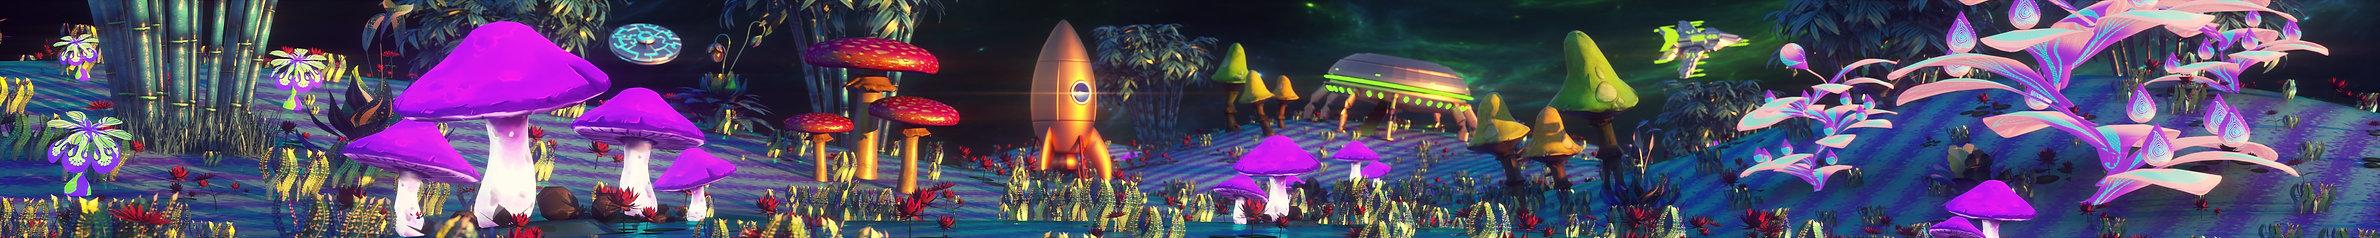 Planet_ToysRUs_Scene_v1_(sample).jpg